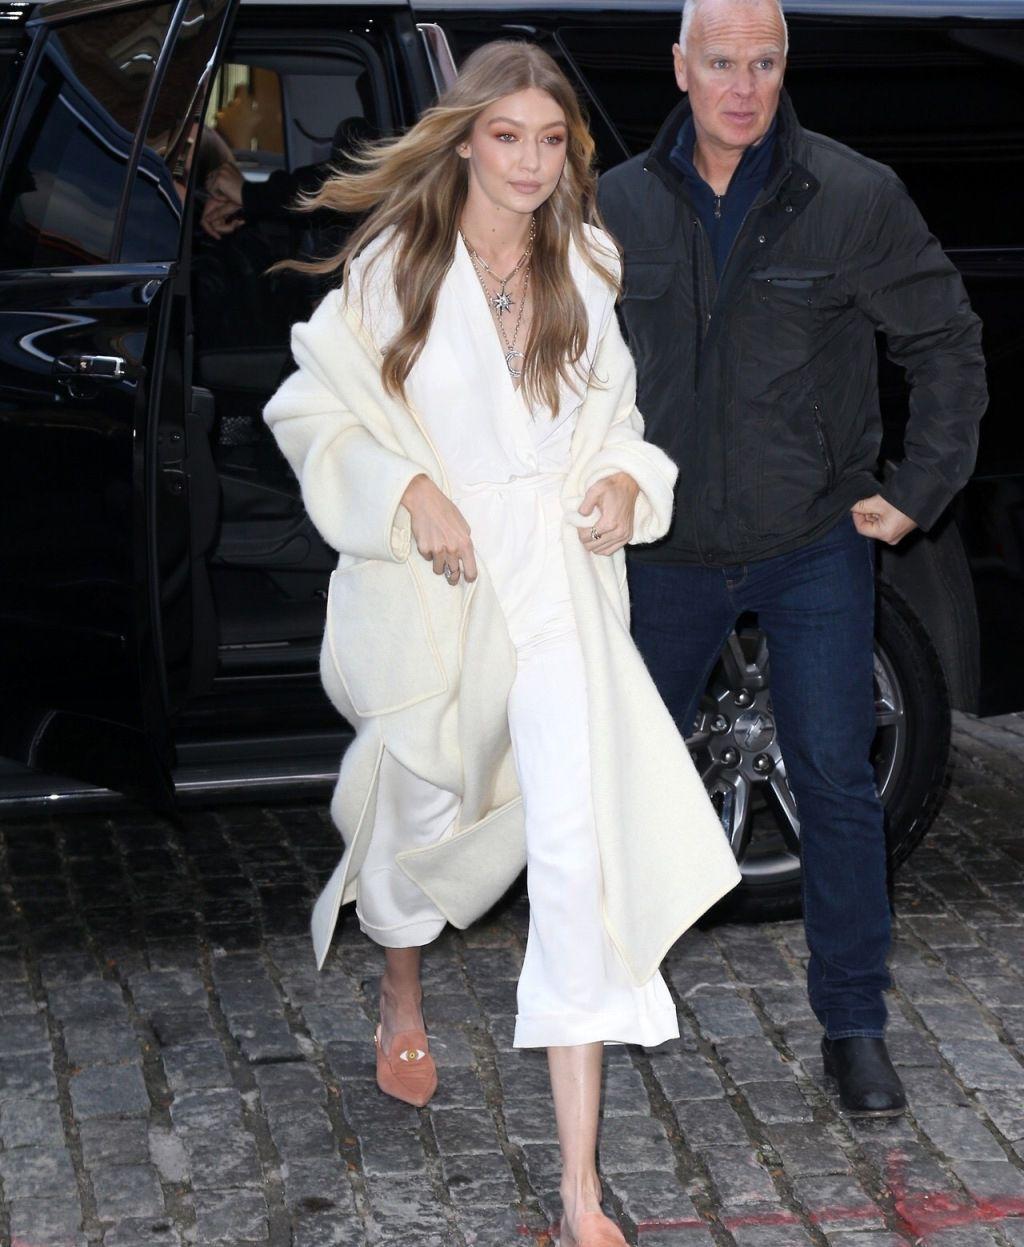 美女模特Gigi Hadid吉吉·哈迪德